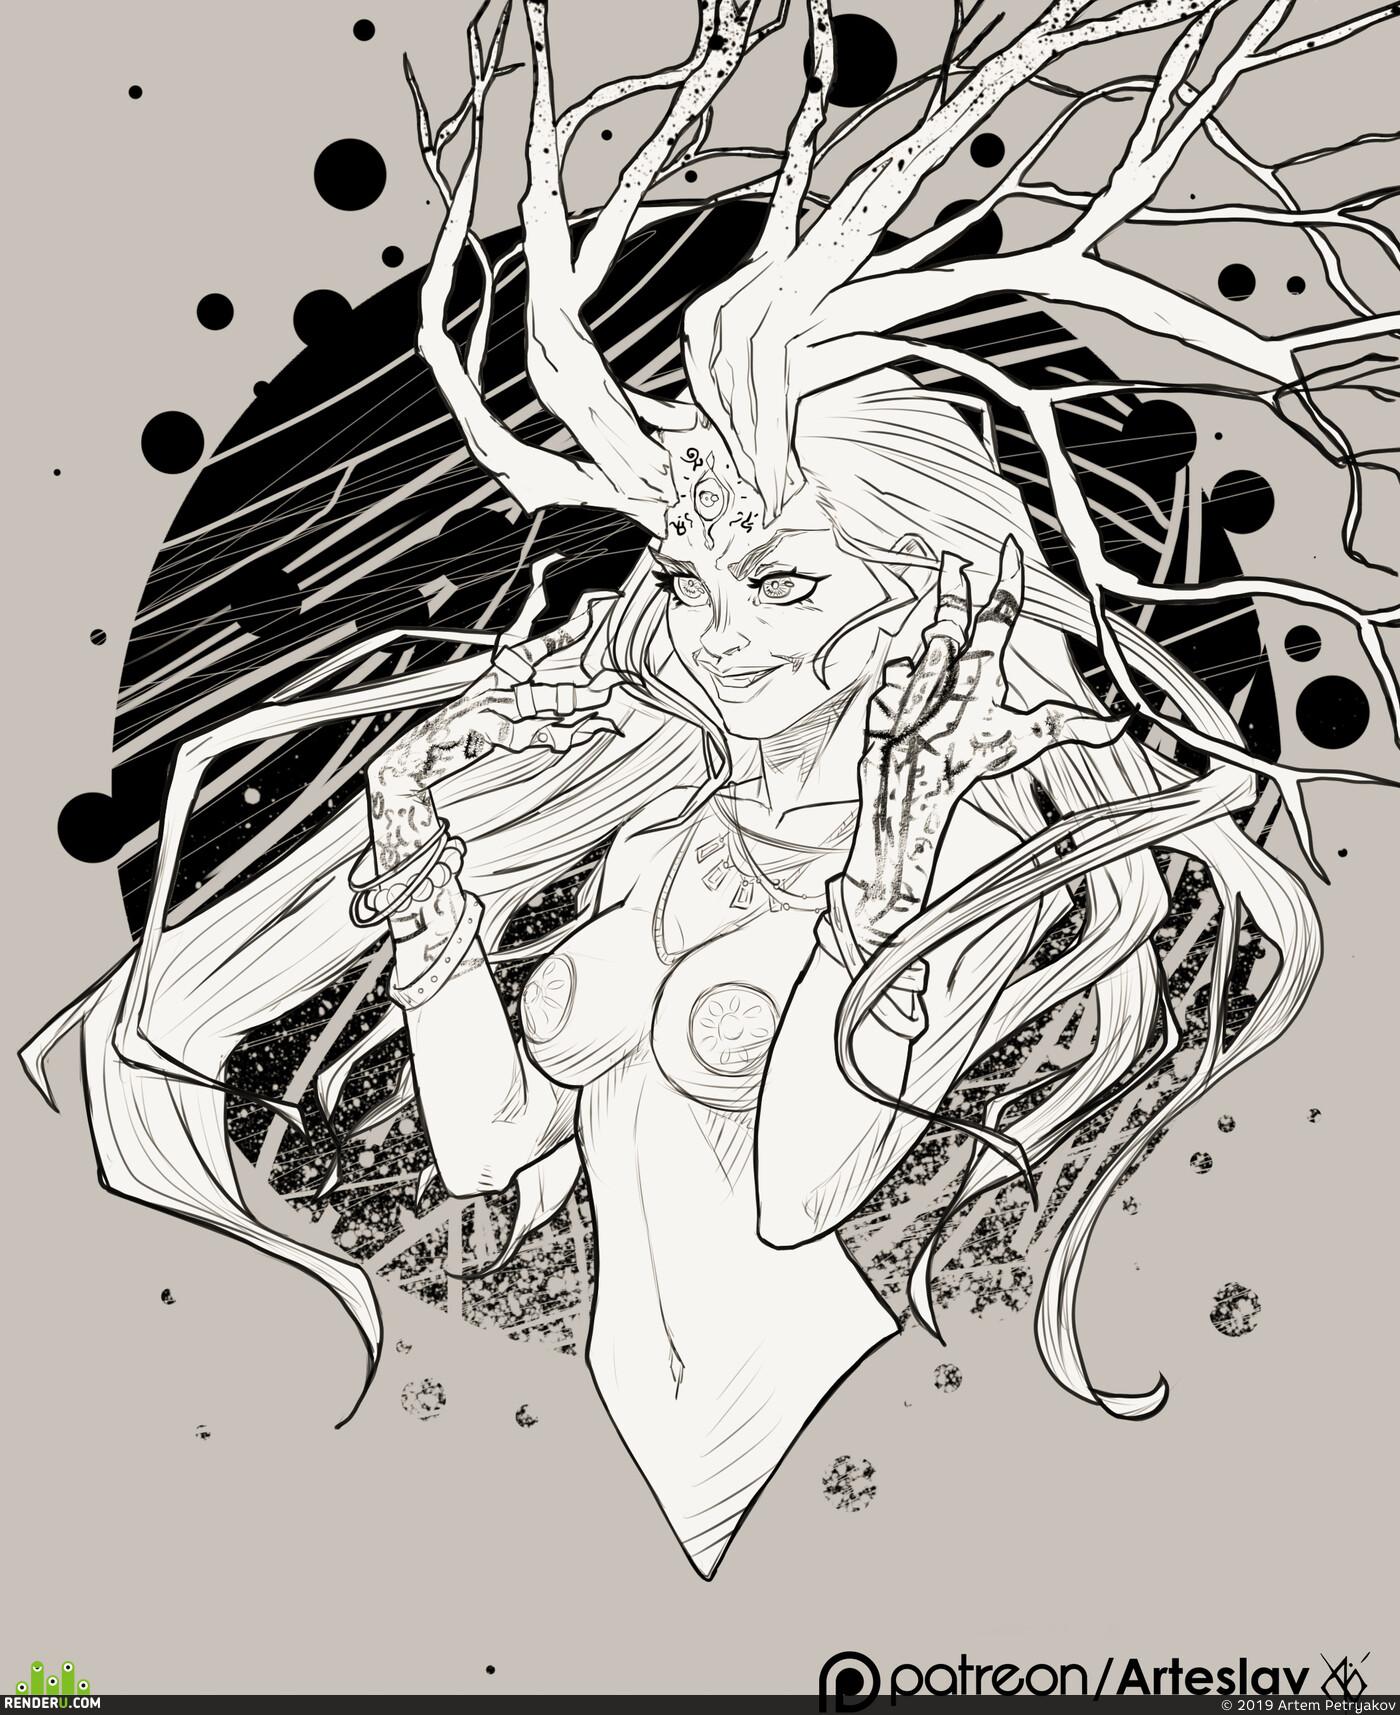 ведьма, дриада, рога, дерево, современный стиль, фирменный стиль